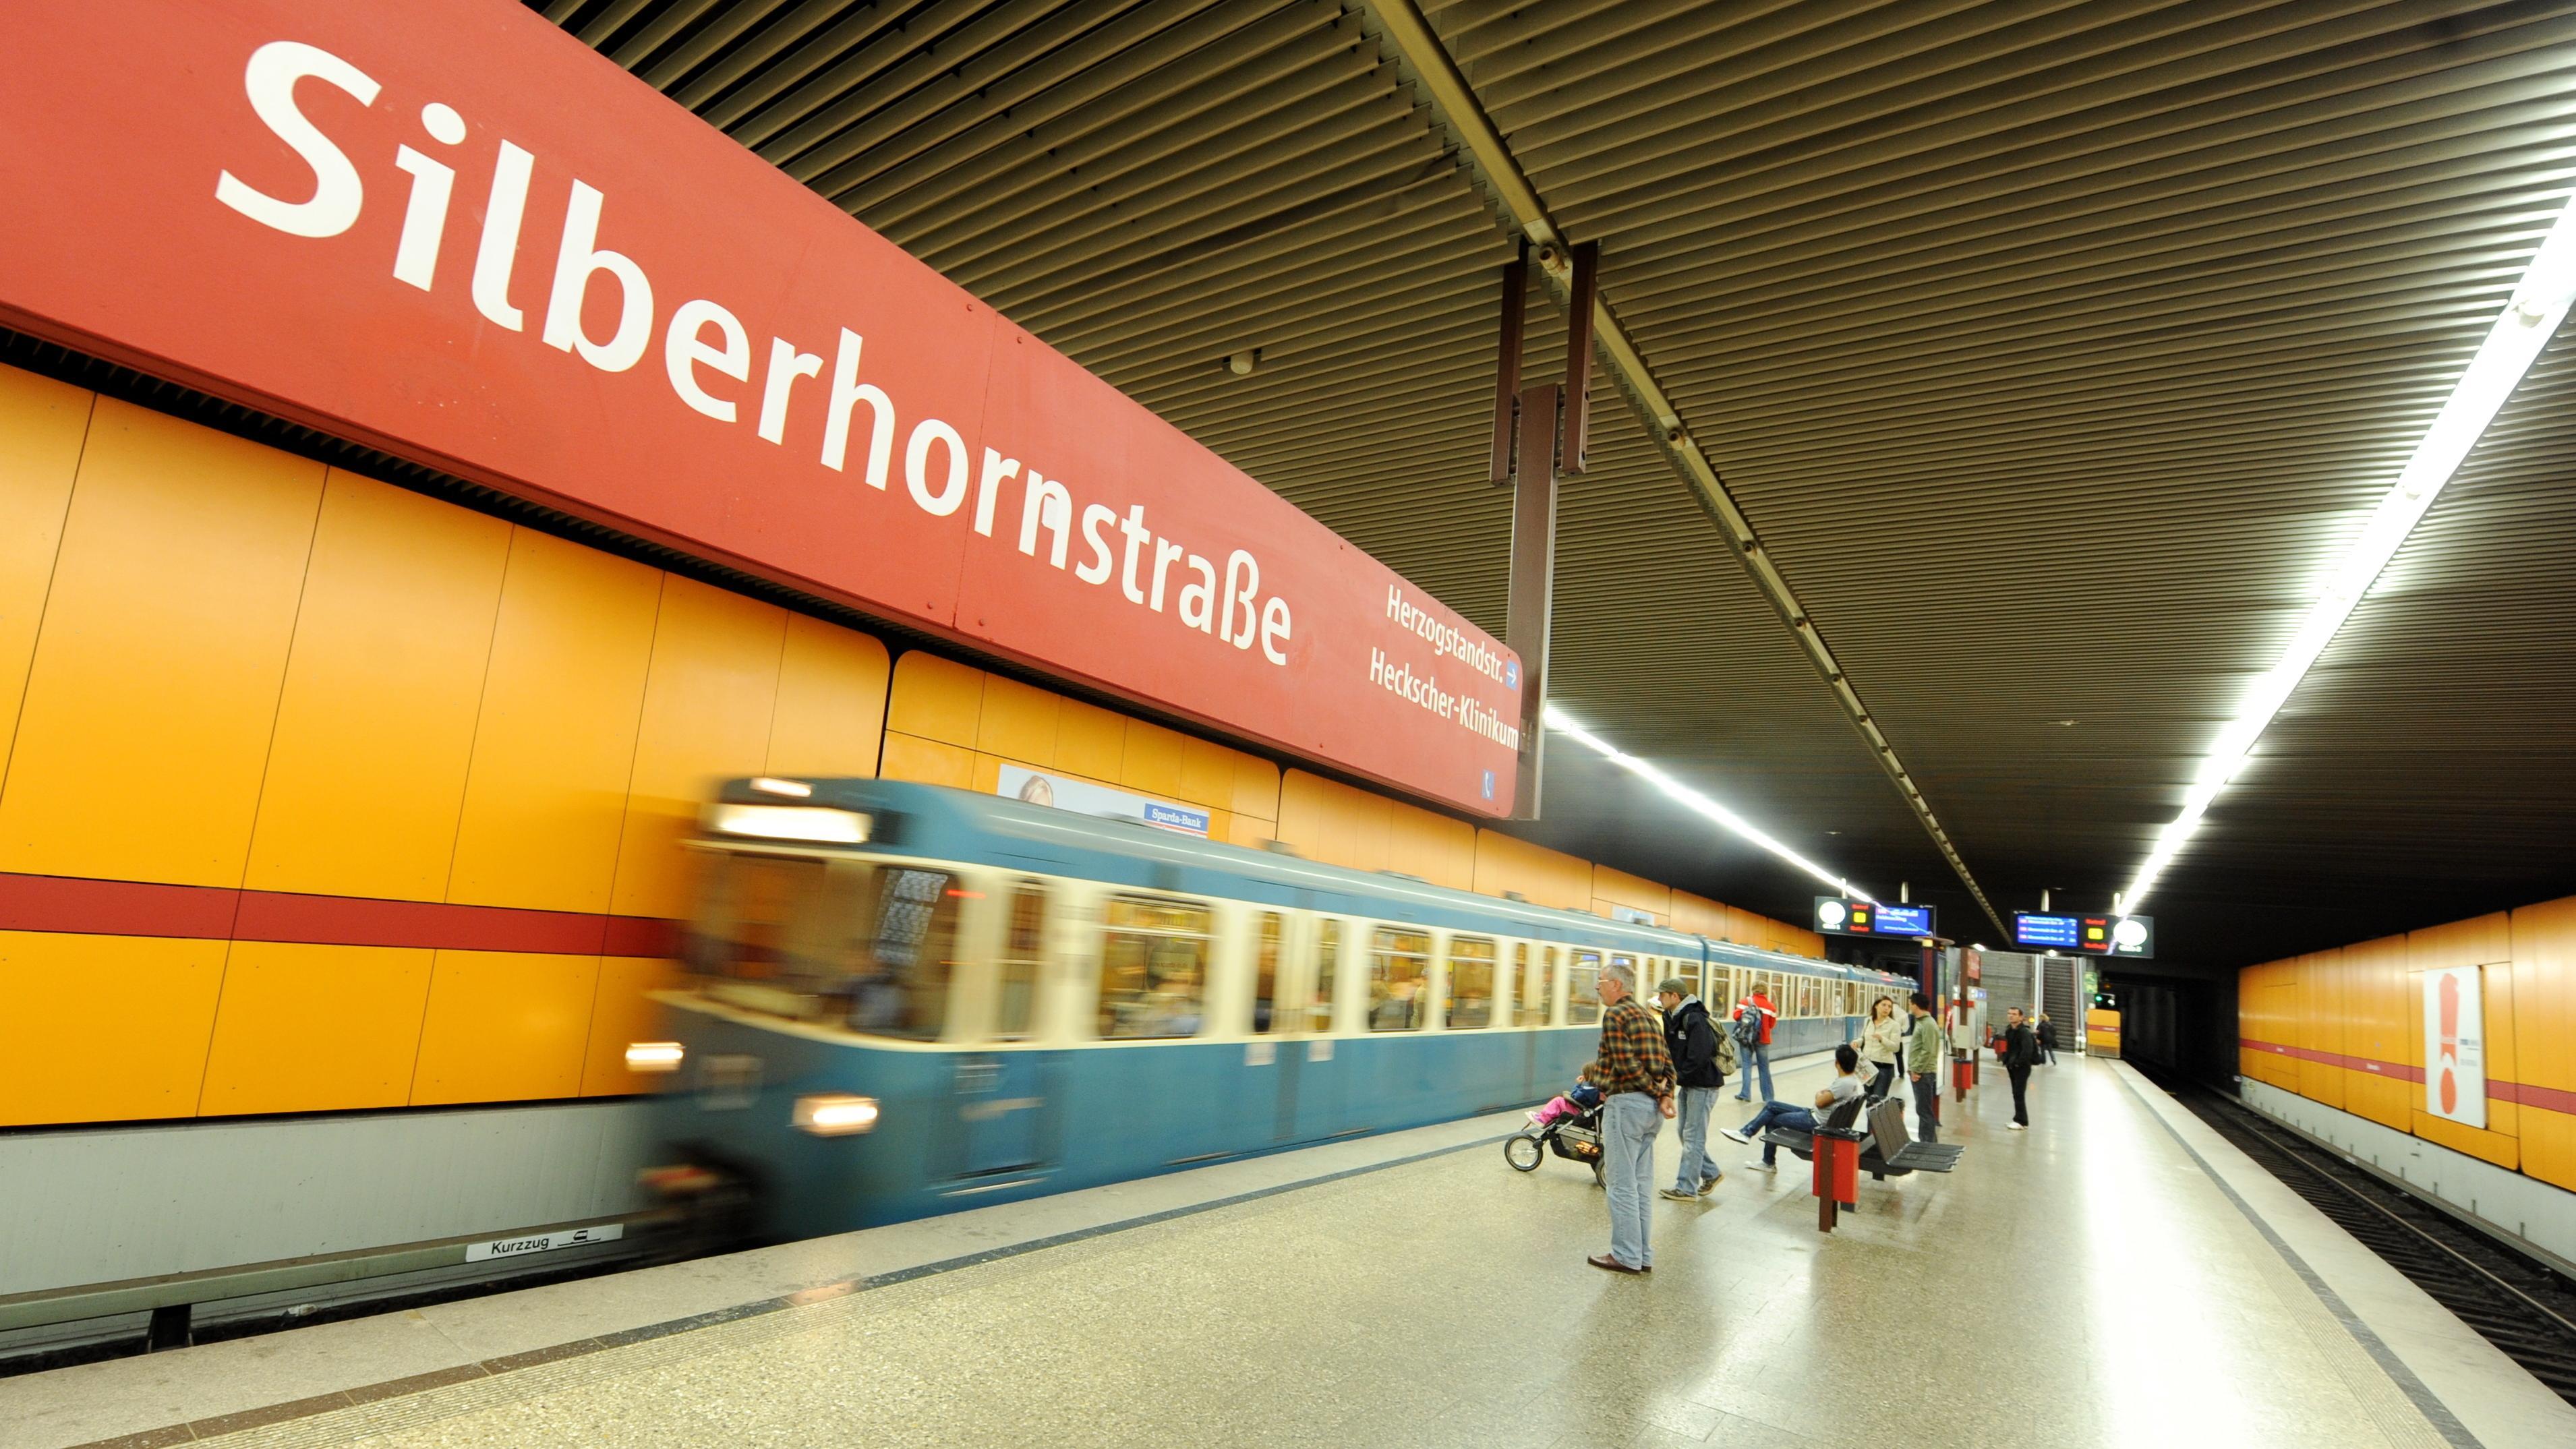 Eine U-Bahn fährt in München in den U-Bahnhof Silberhornstraße ein